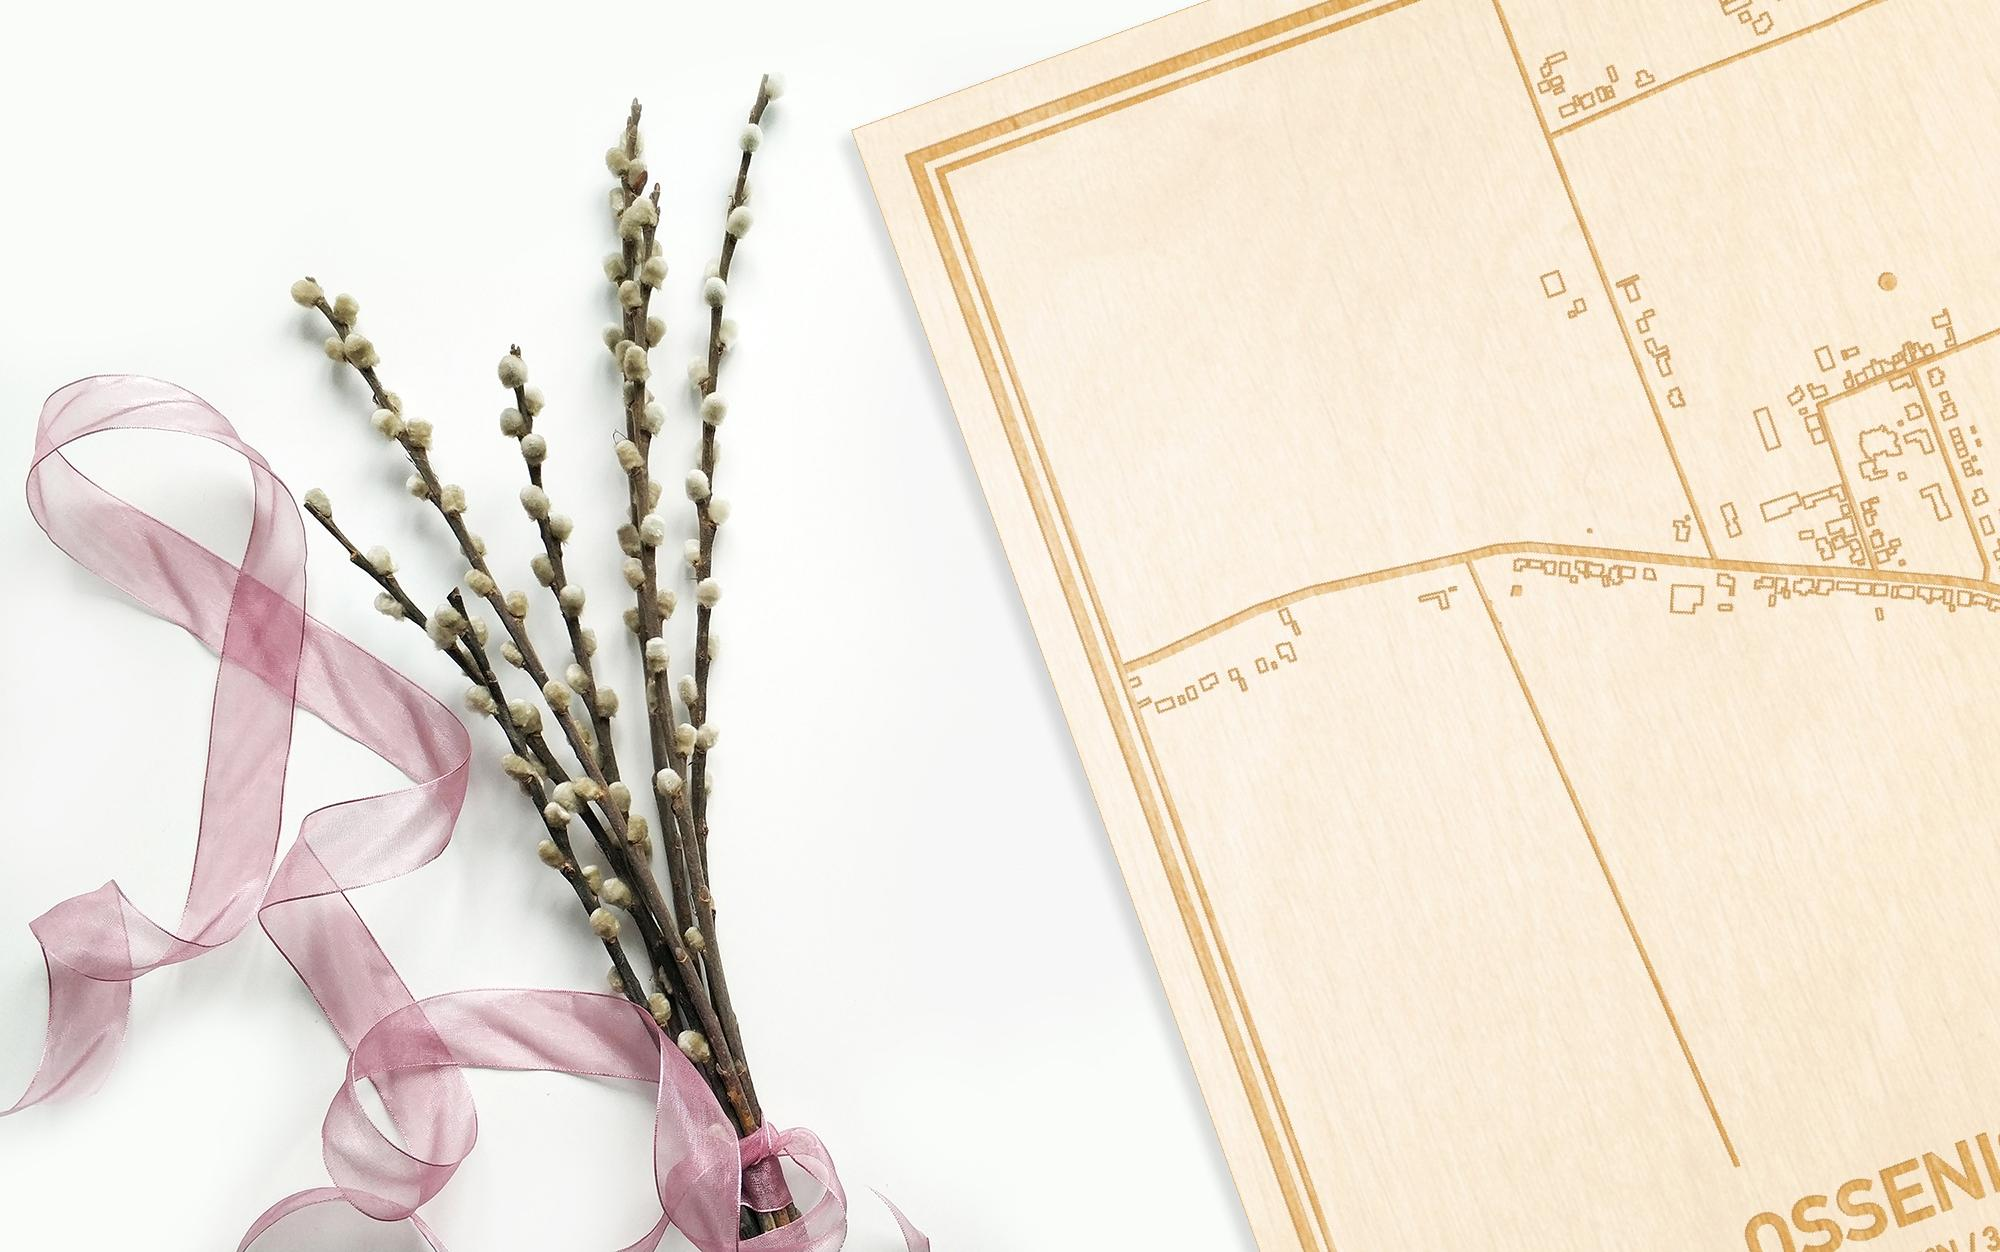 Hier ligt de houten plattegrond Ossenisse naast een bloemetje als gepersonaliseerd cadeau voor haar.